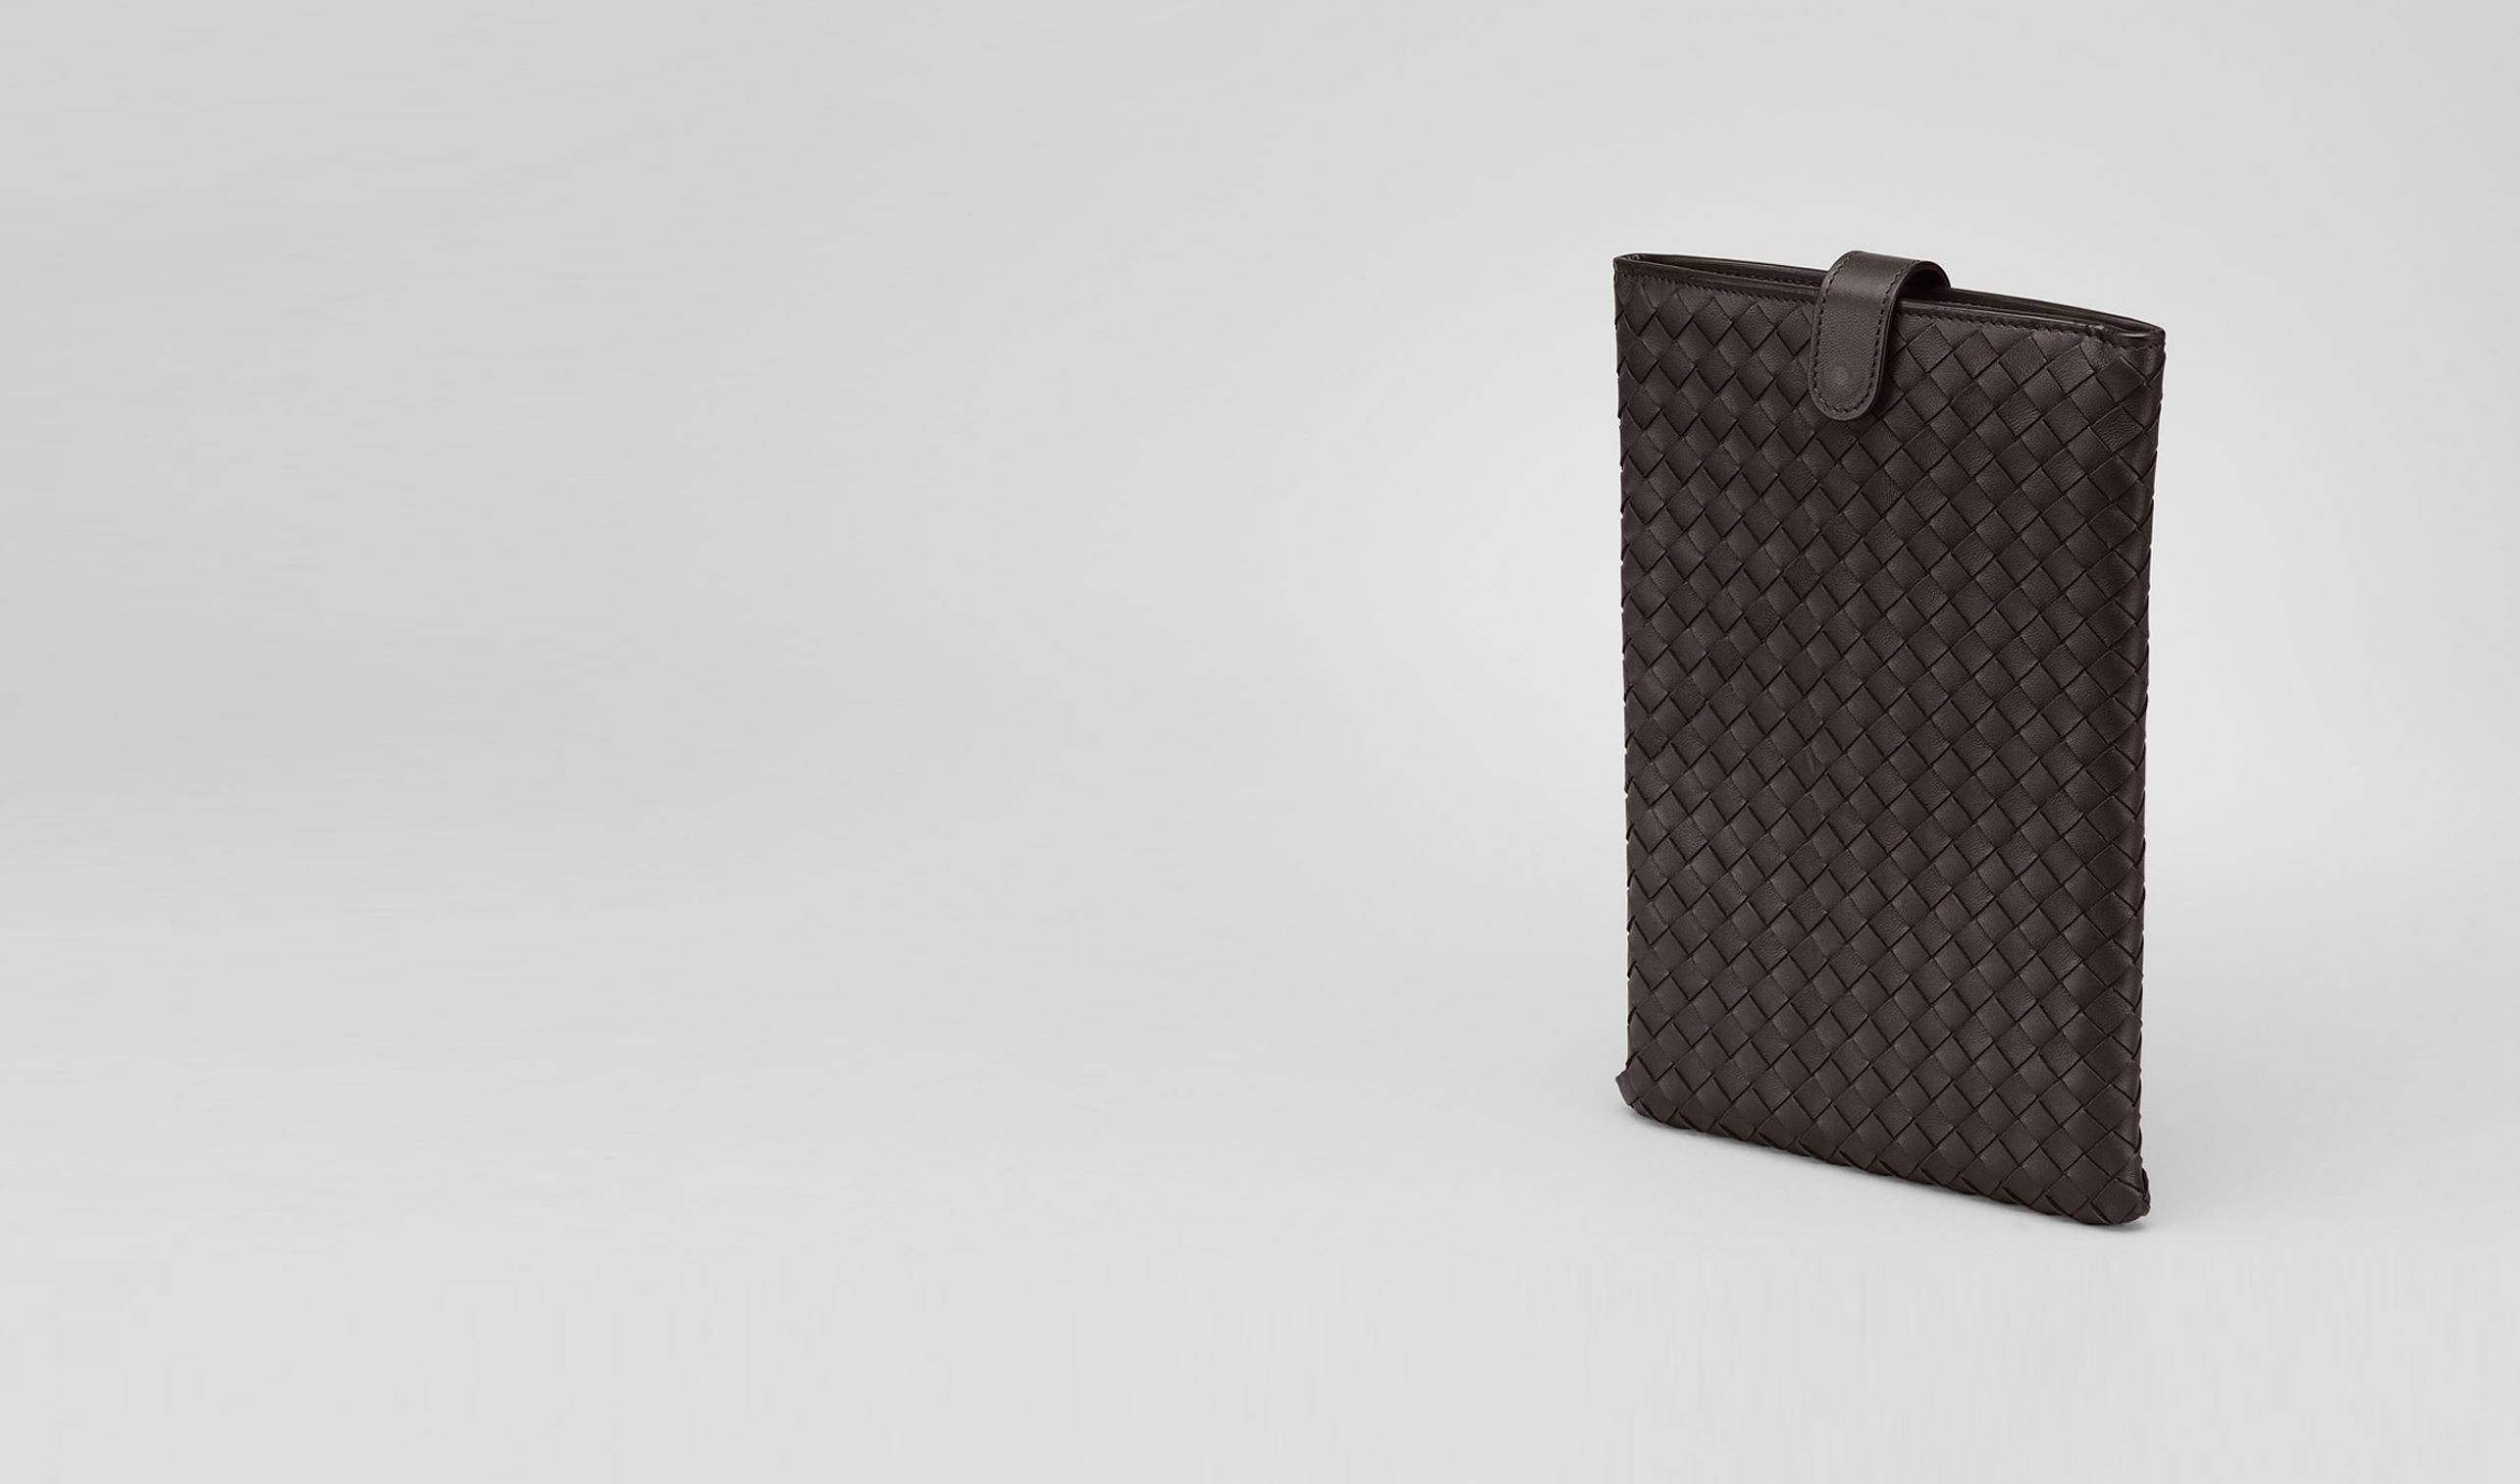 BOTTEGA VENETA Altro accessorio in pelle E Custodia per iPad Mini Ebano in Nappa Intrecciata pl